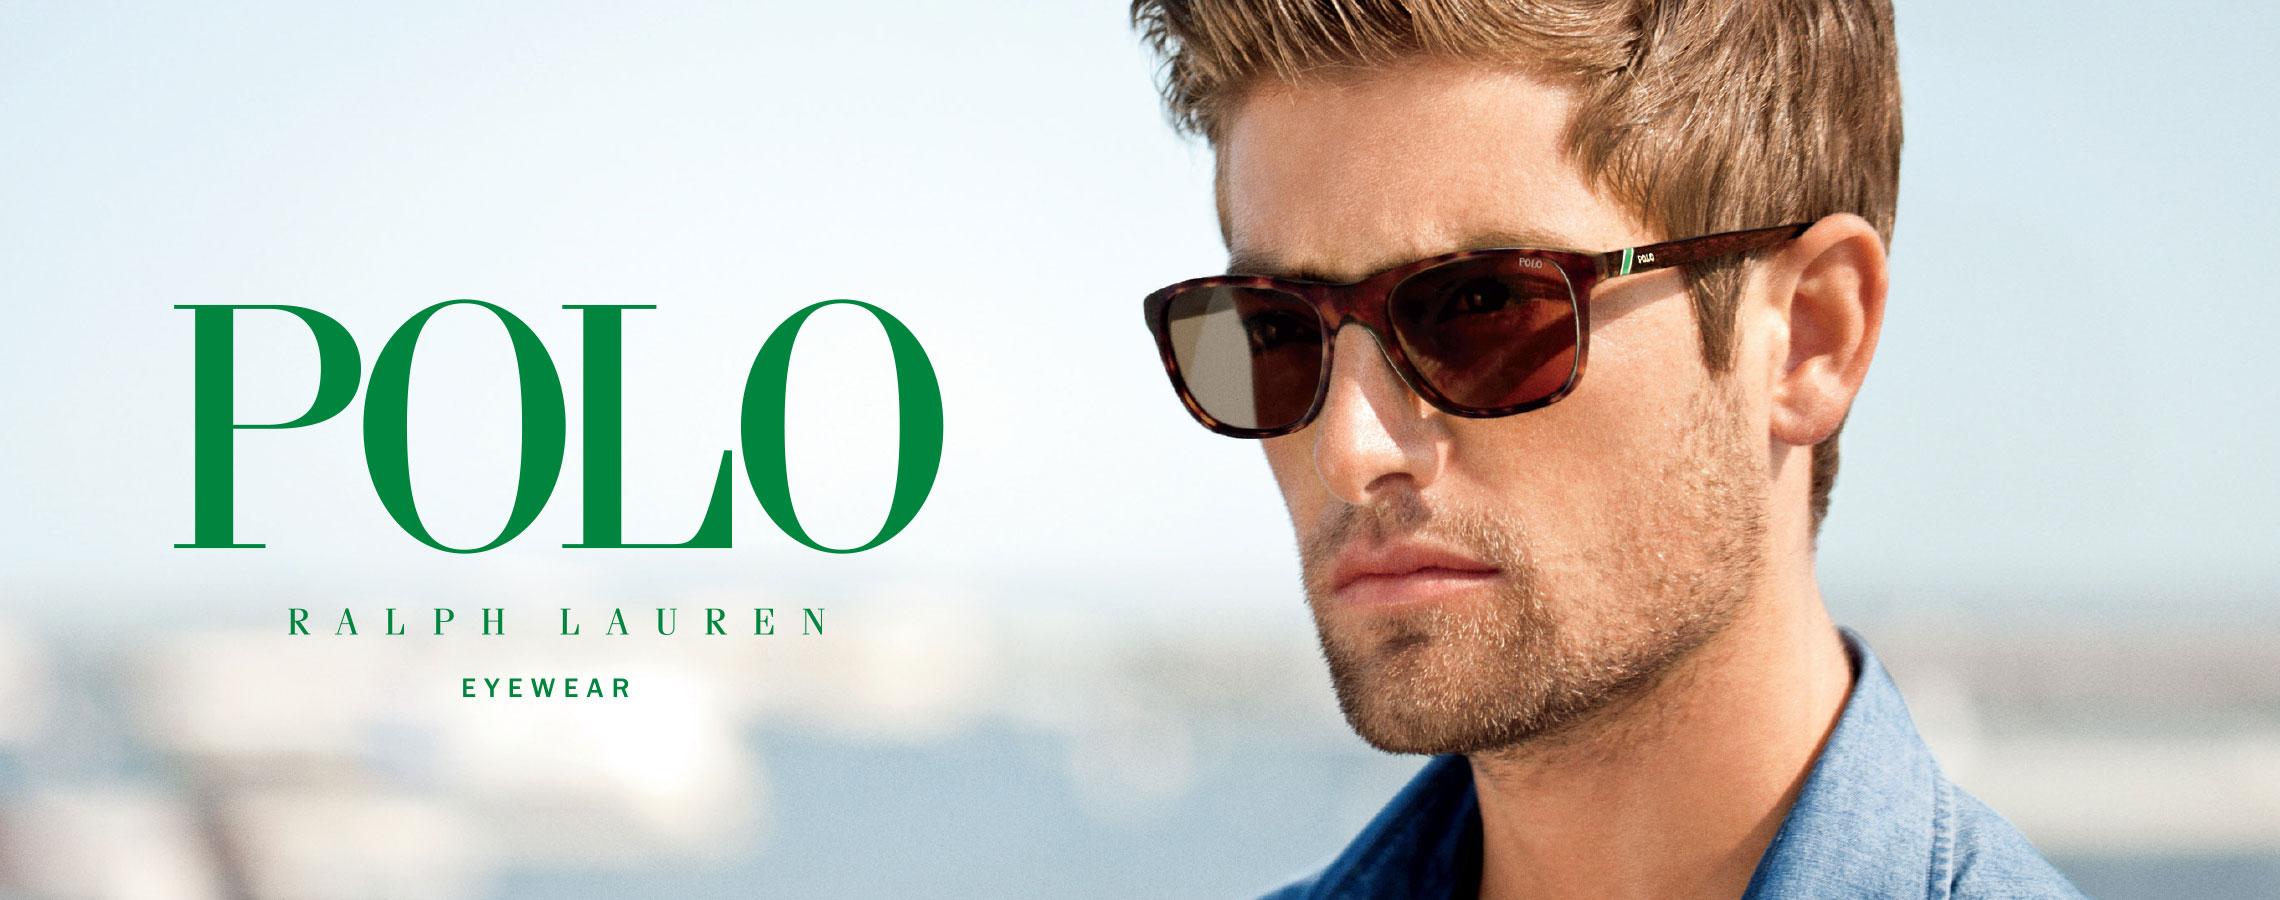 Polo-Ralph-Lauren-Eyewear